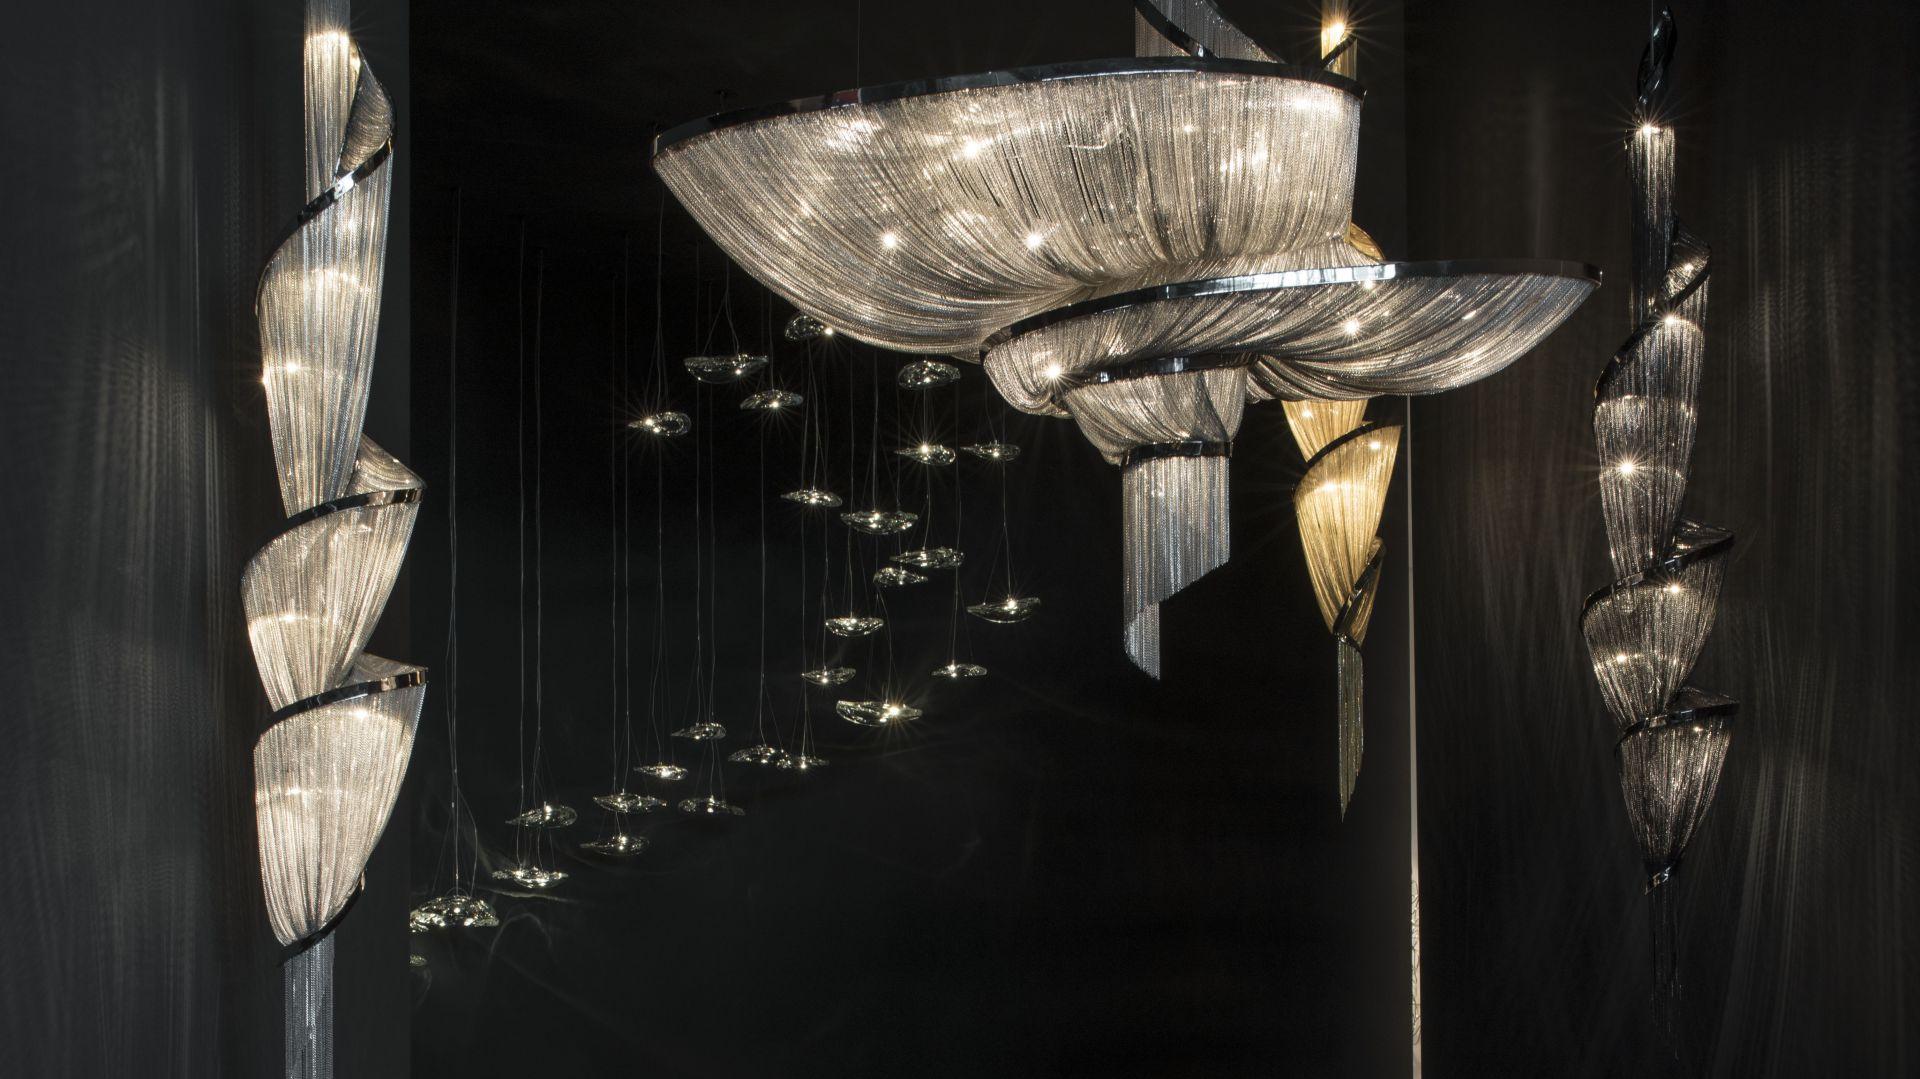 Lampy Manta włoskiej marki Terzani. Projekt: Dodo Arslan i Nicolas Terzani. Fot. Terzani / Galeria Heban